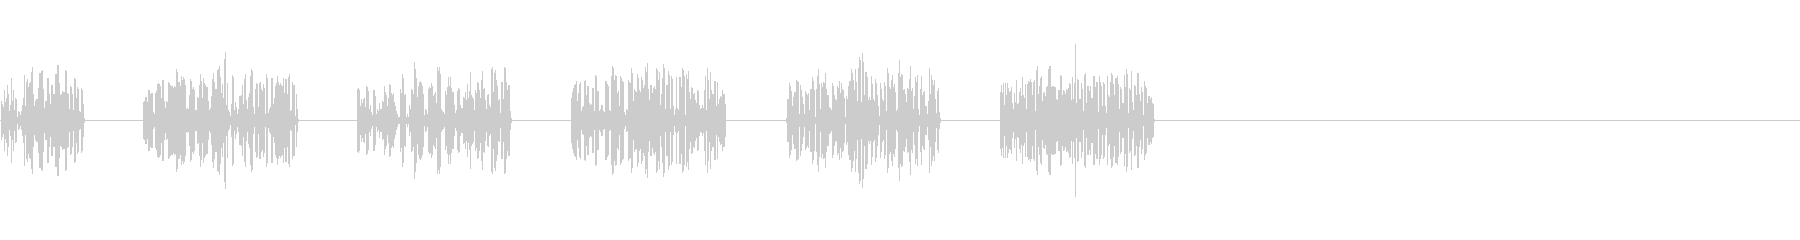 逃走 足音 移動 8ビットの未再生の波形